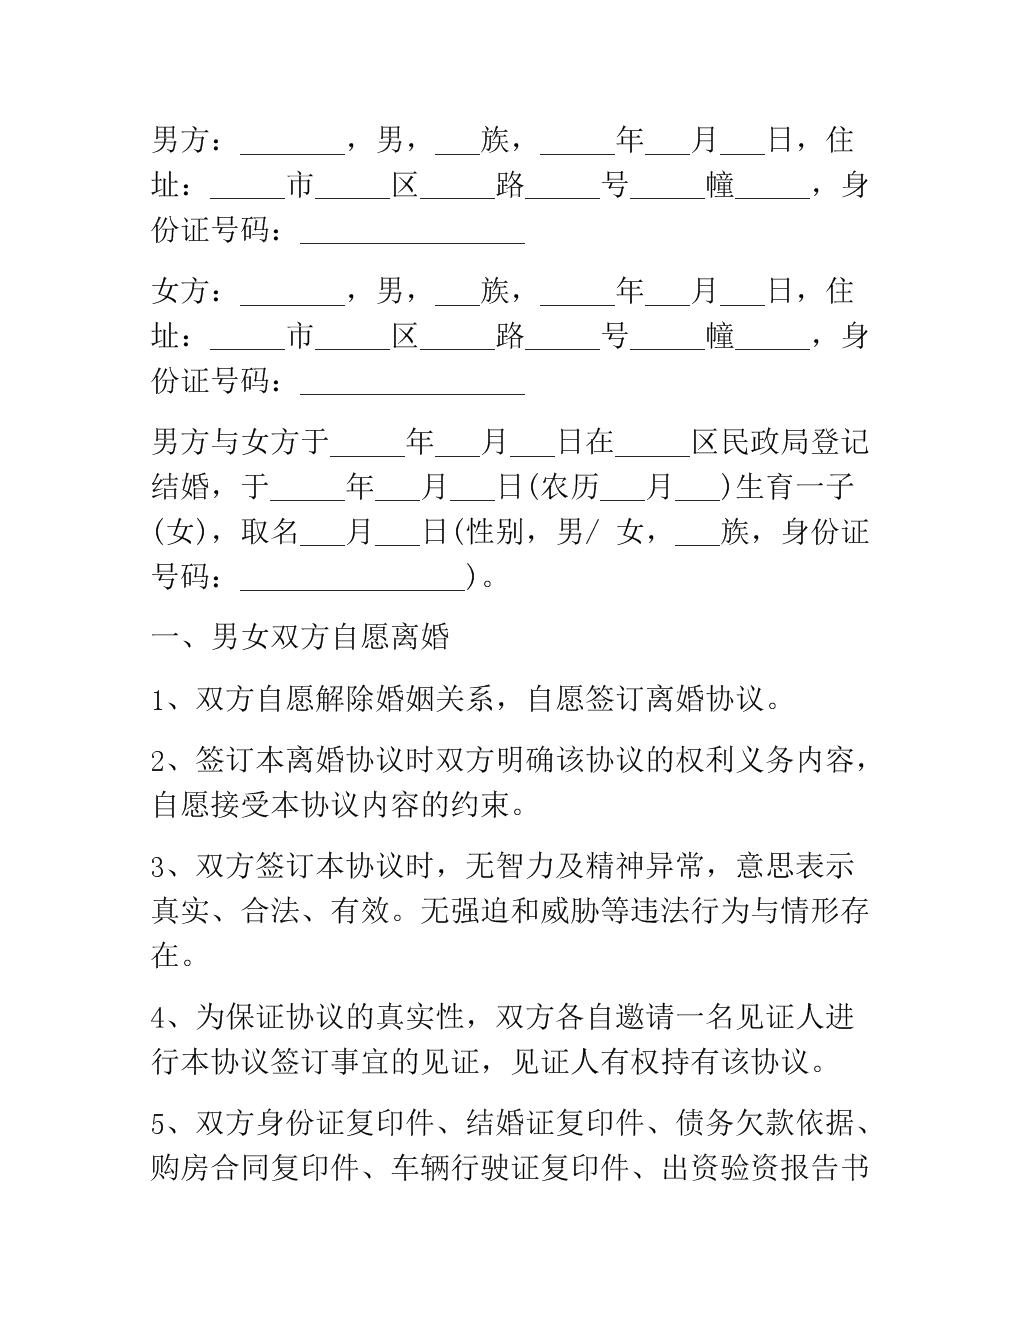 2018年新离婚协议书范文(3).docx图片